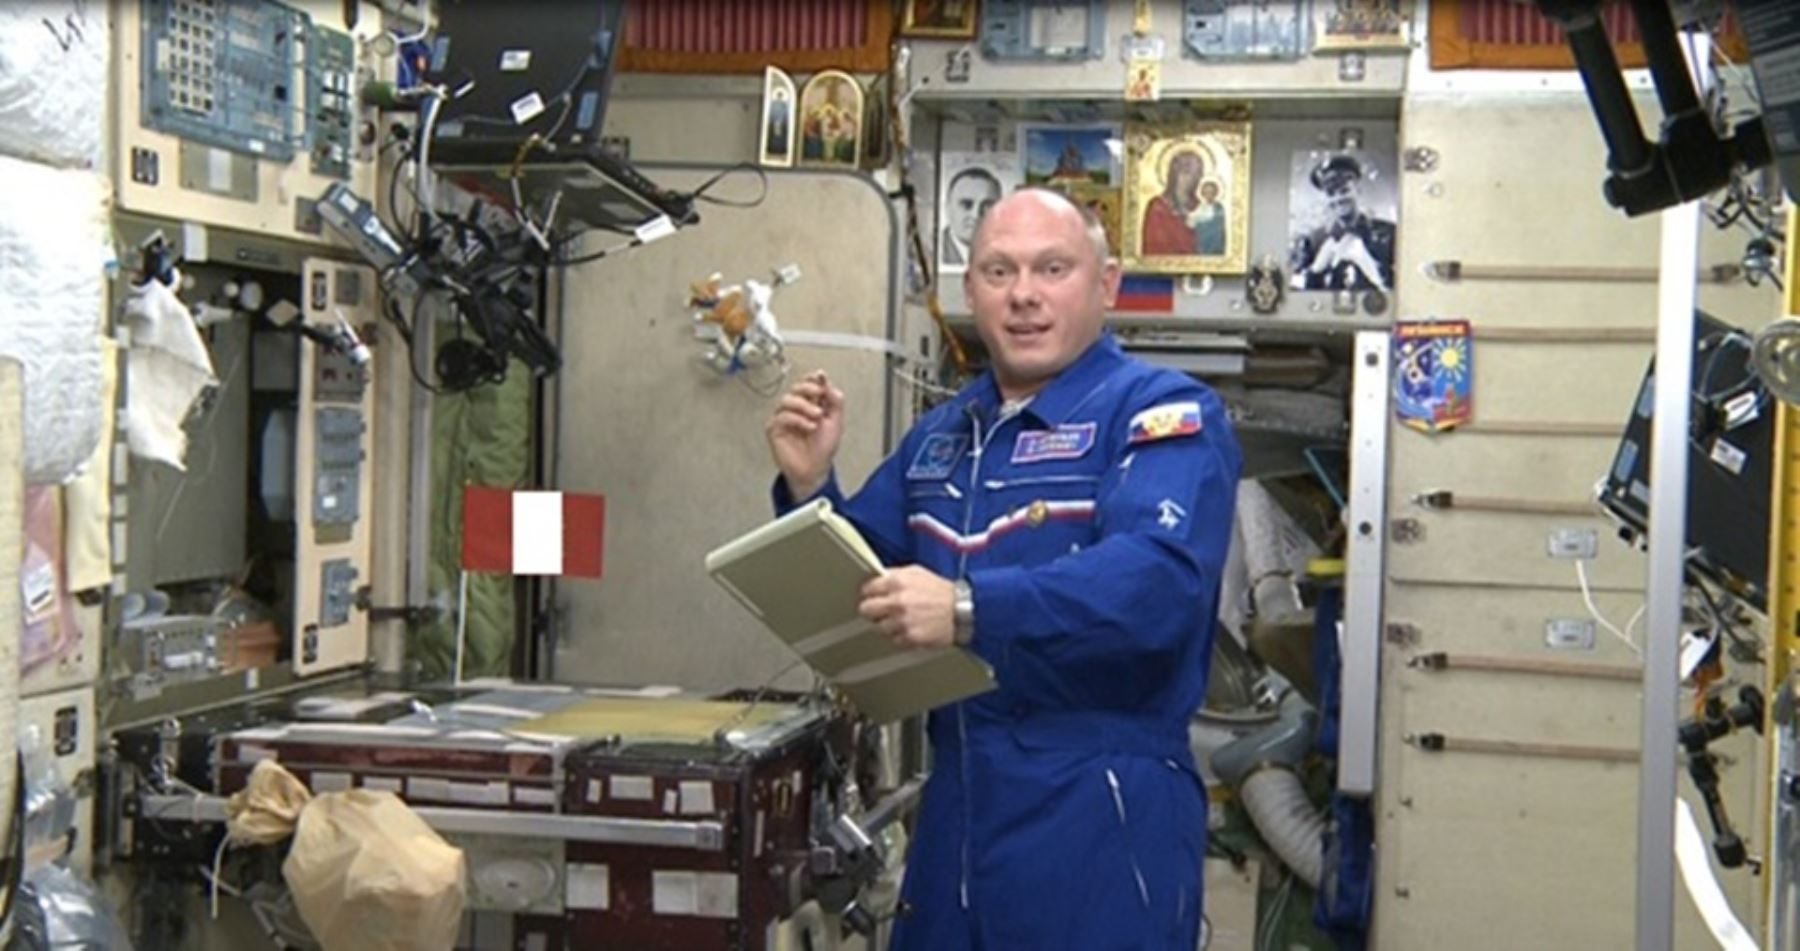 Oleg Artemyev cosmonauta ruso en la Estación Espacial Internacional apunto de lanzar el nanosatélite Chasqui I.